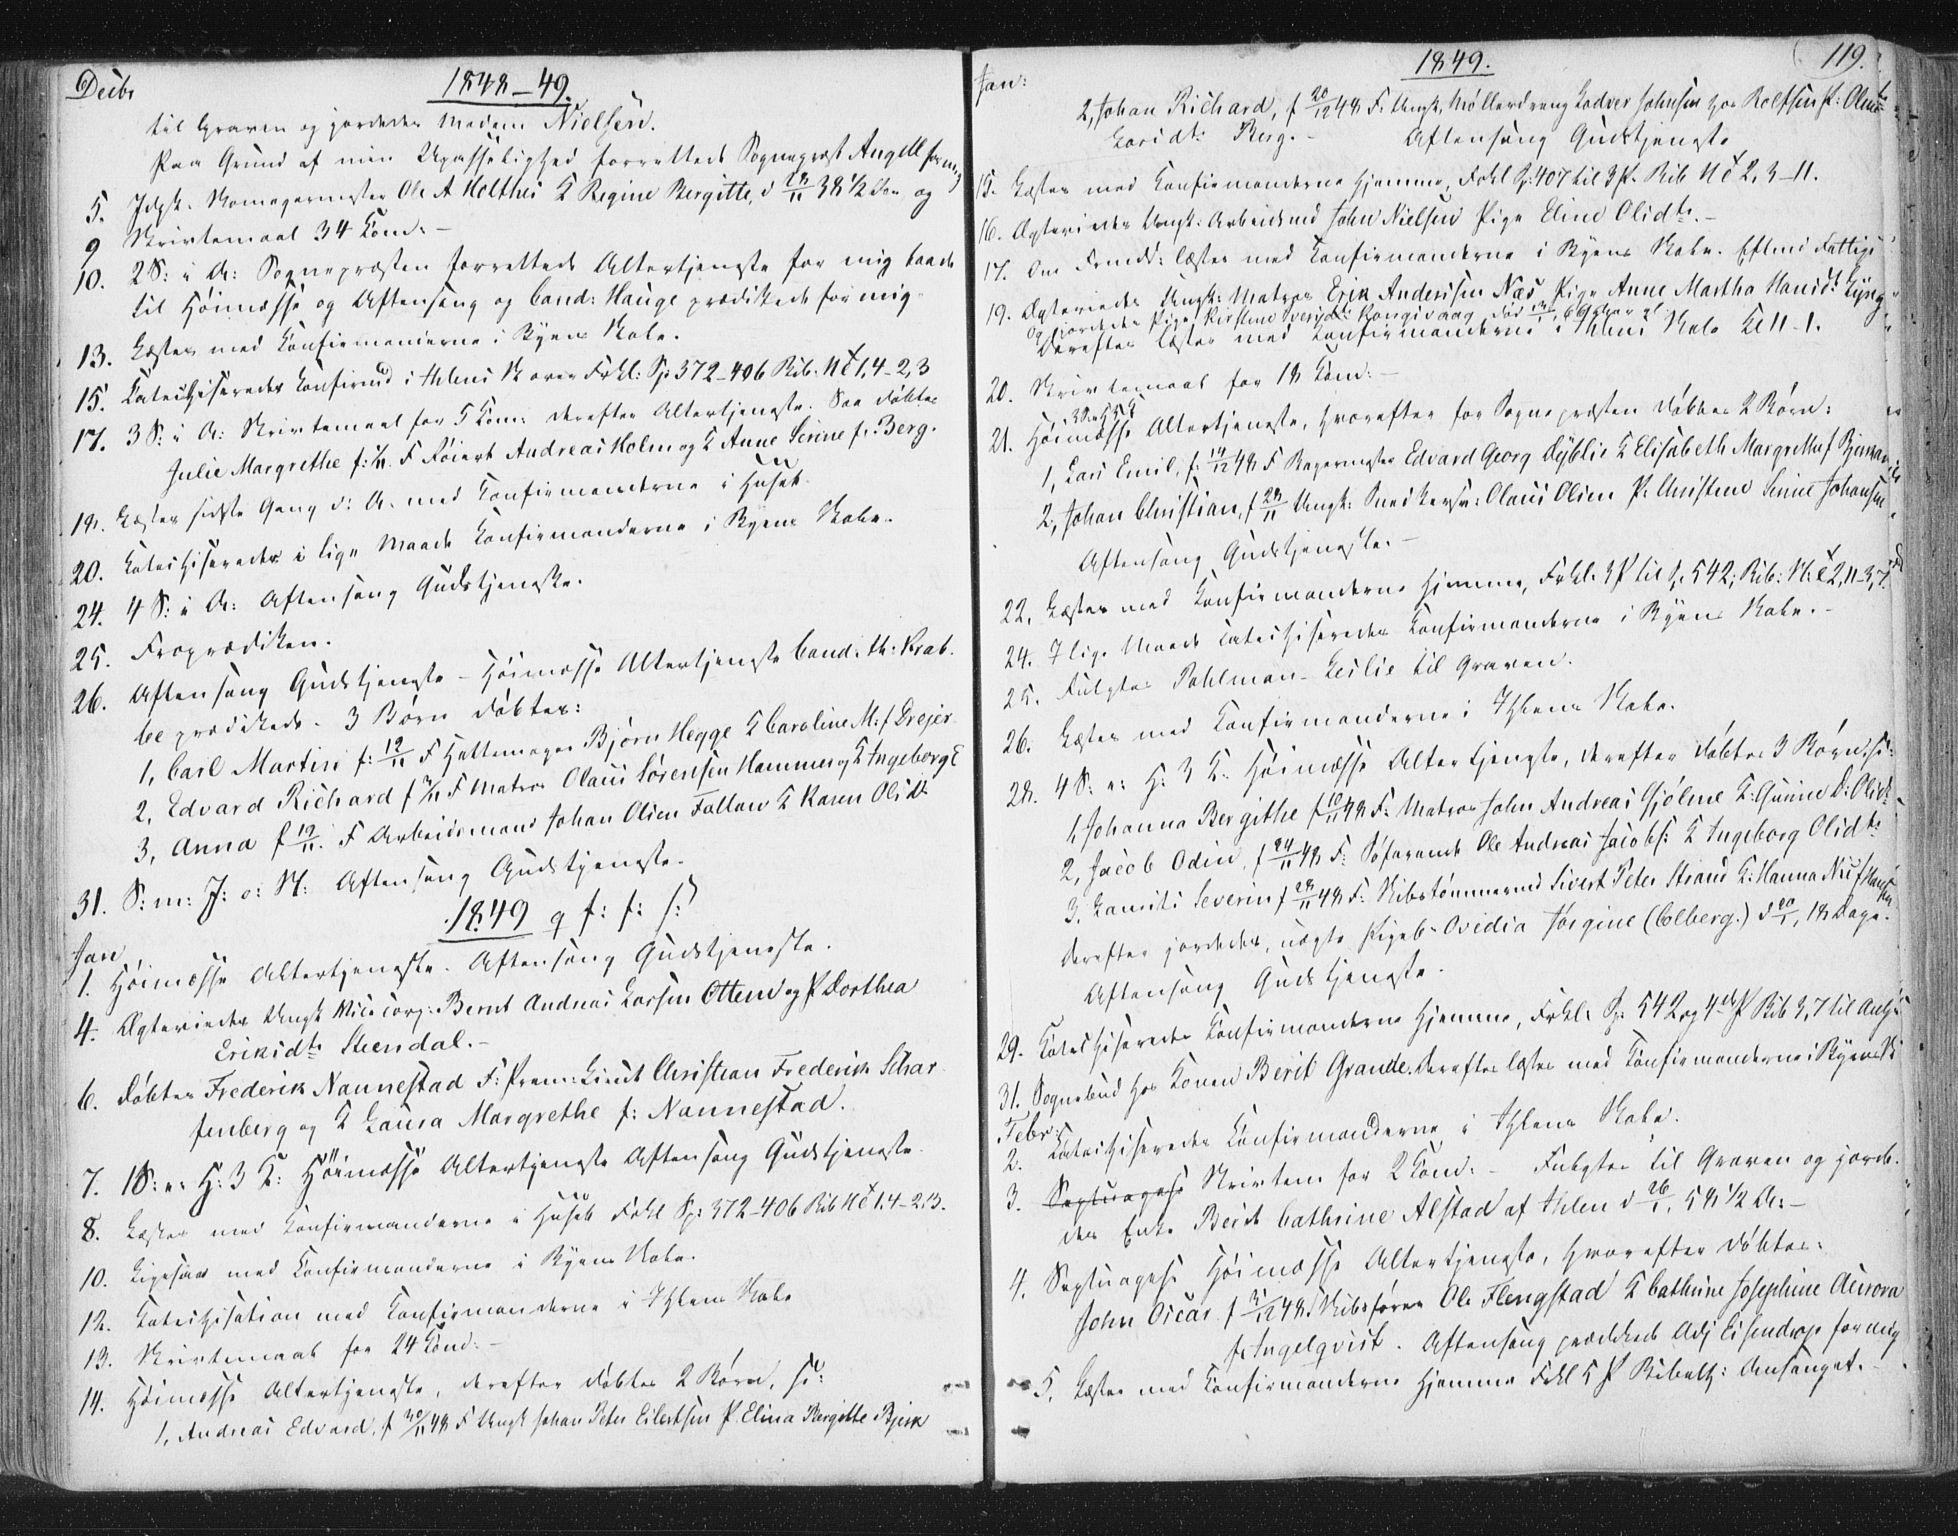 SAT, Ministerialprotokoller, klokkerbøker og fødselsregistre - Sør-Trøndelag, 602/L0127: Residerende kapellans bok nr. 602B01, 1821-1875, s. 119